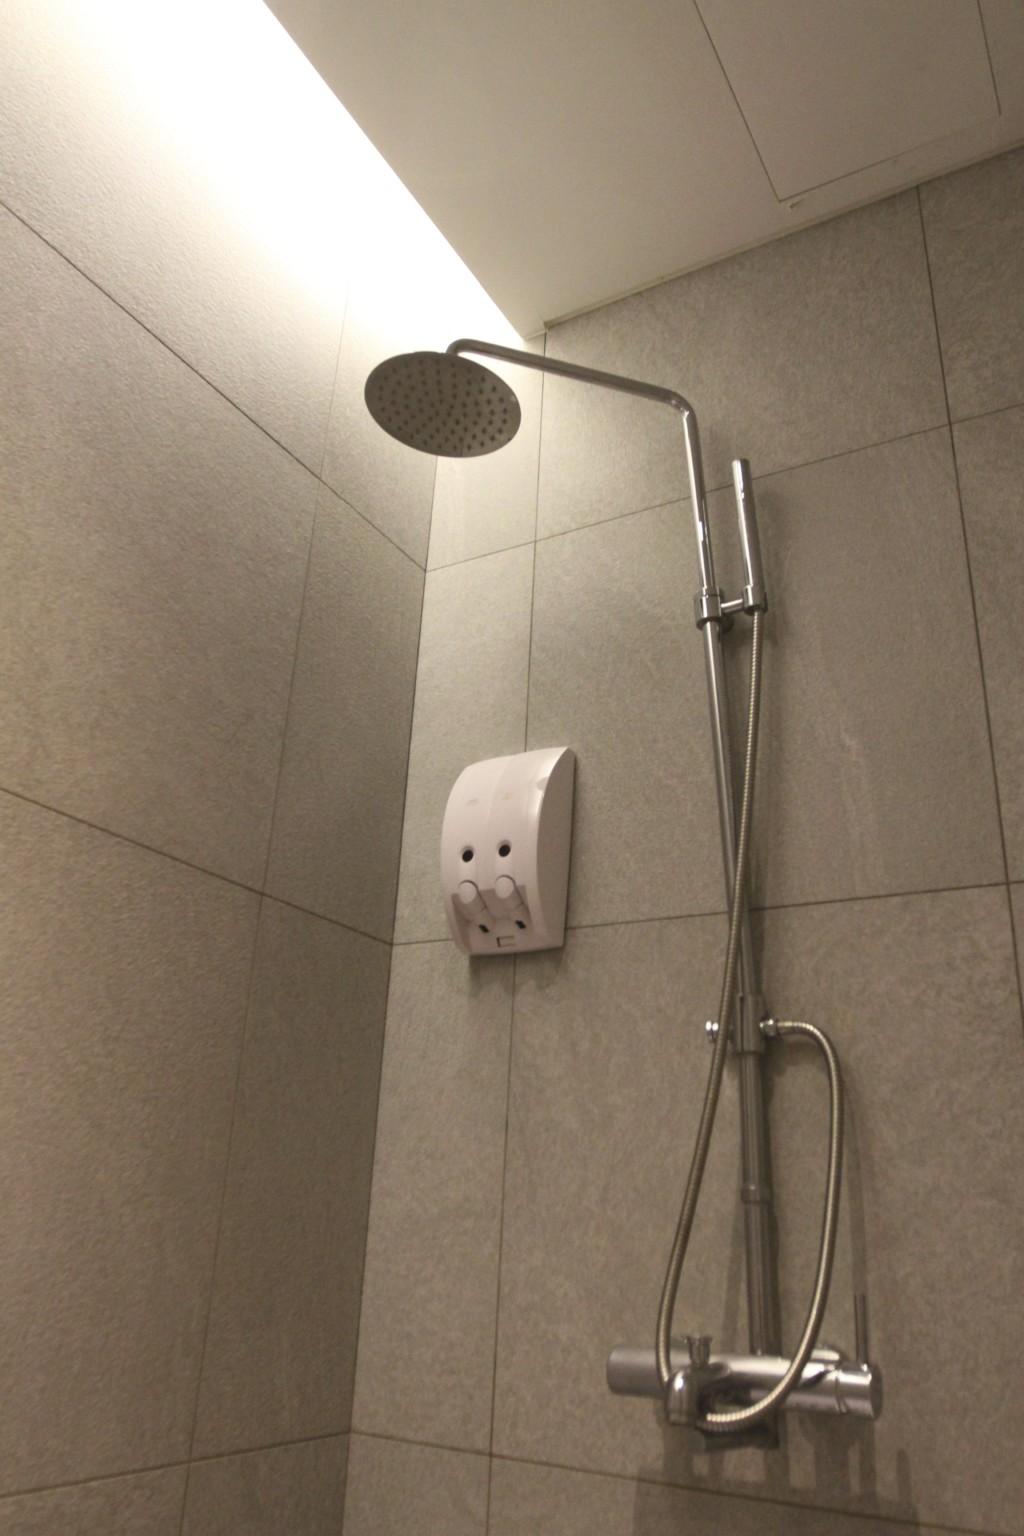 シャワーヘッドの高さは、およそ180cm(+ちょい)くらい